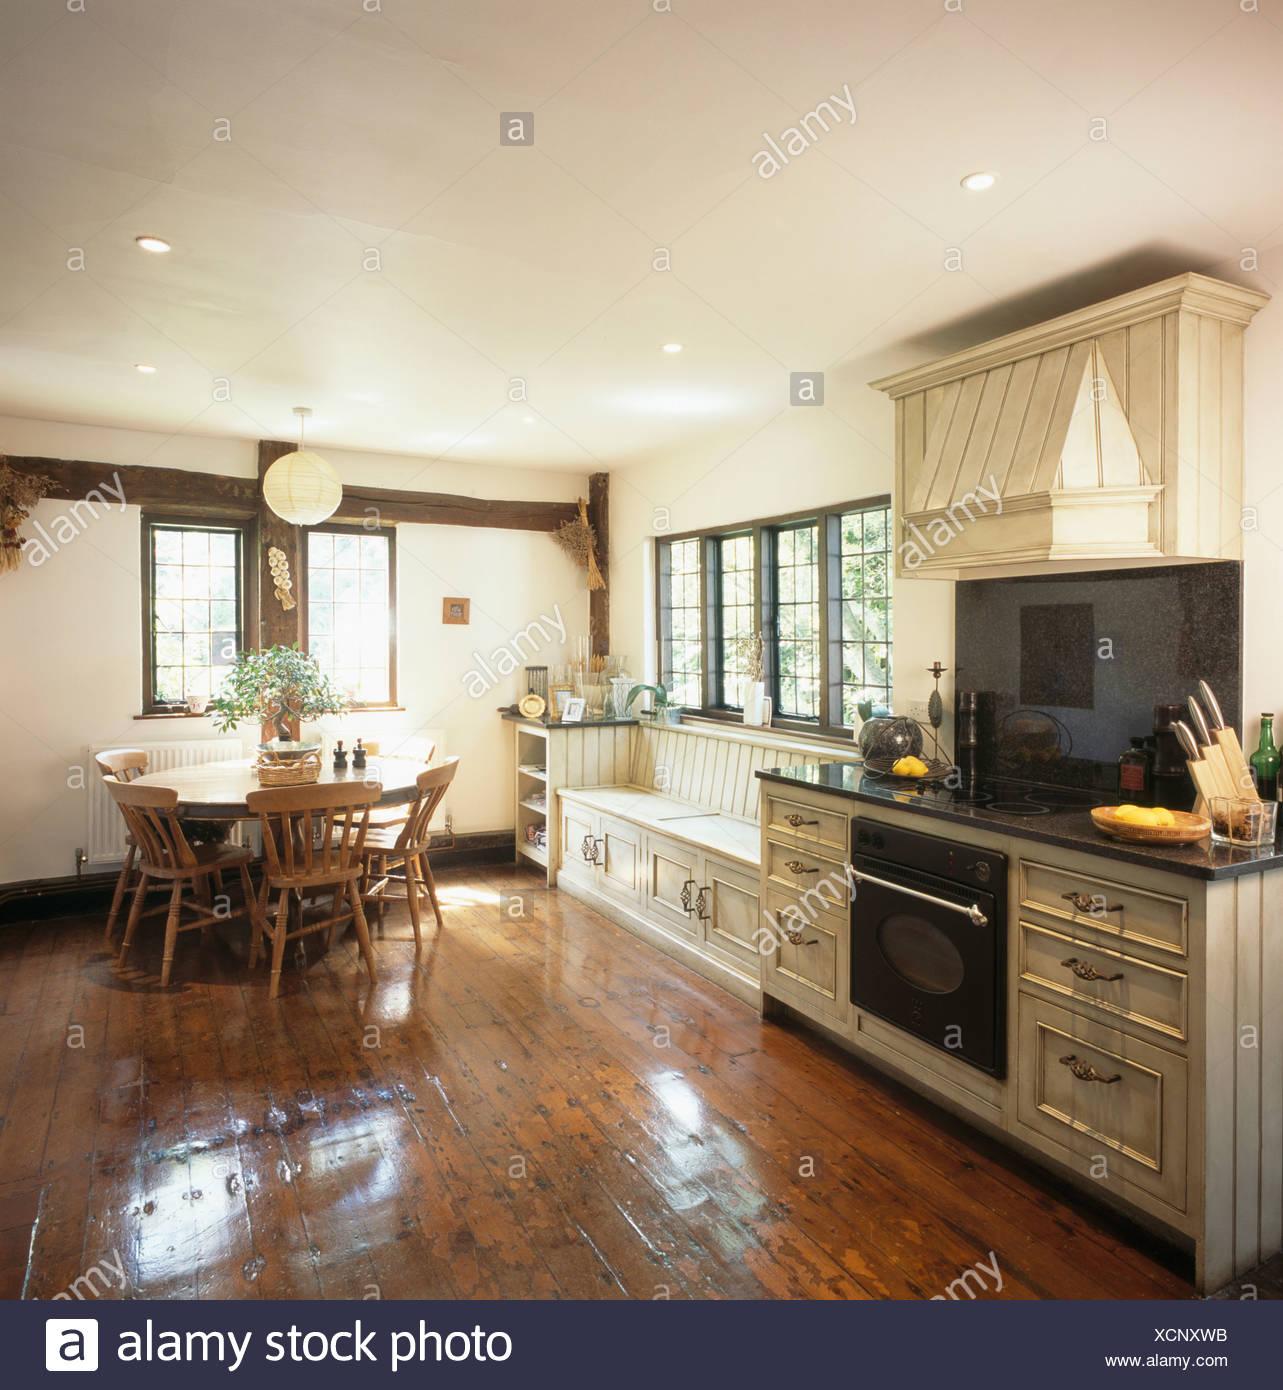 Polierten Holzdielen und Holztisch und Stühle im Landhaus ...